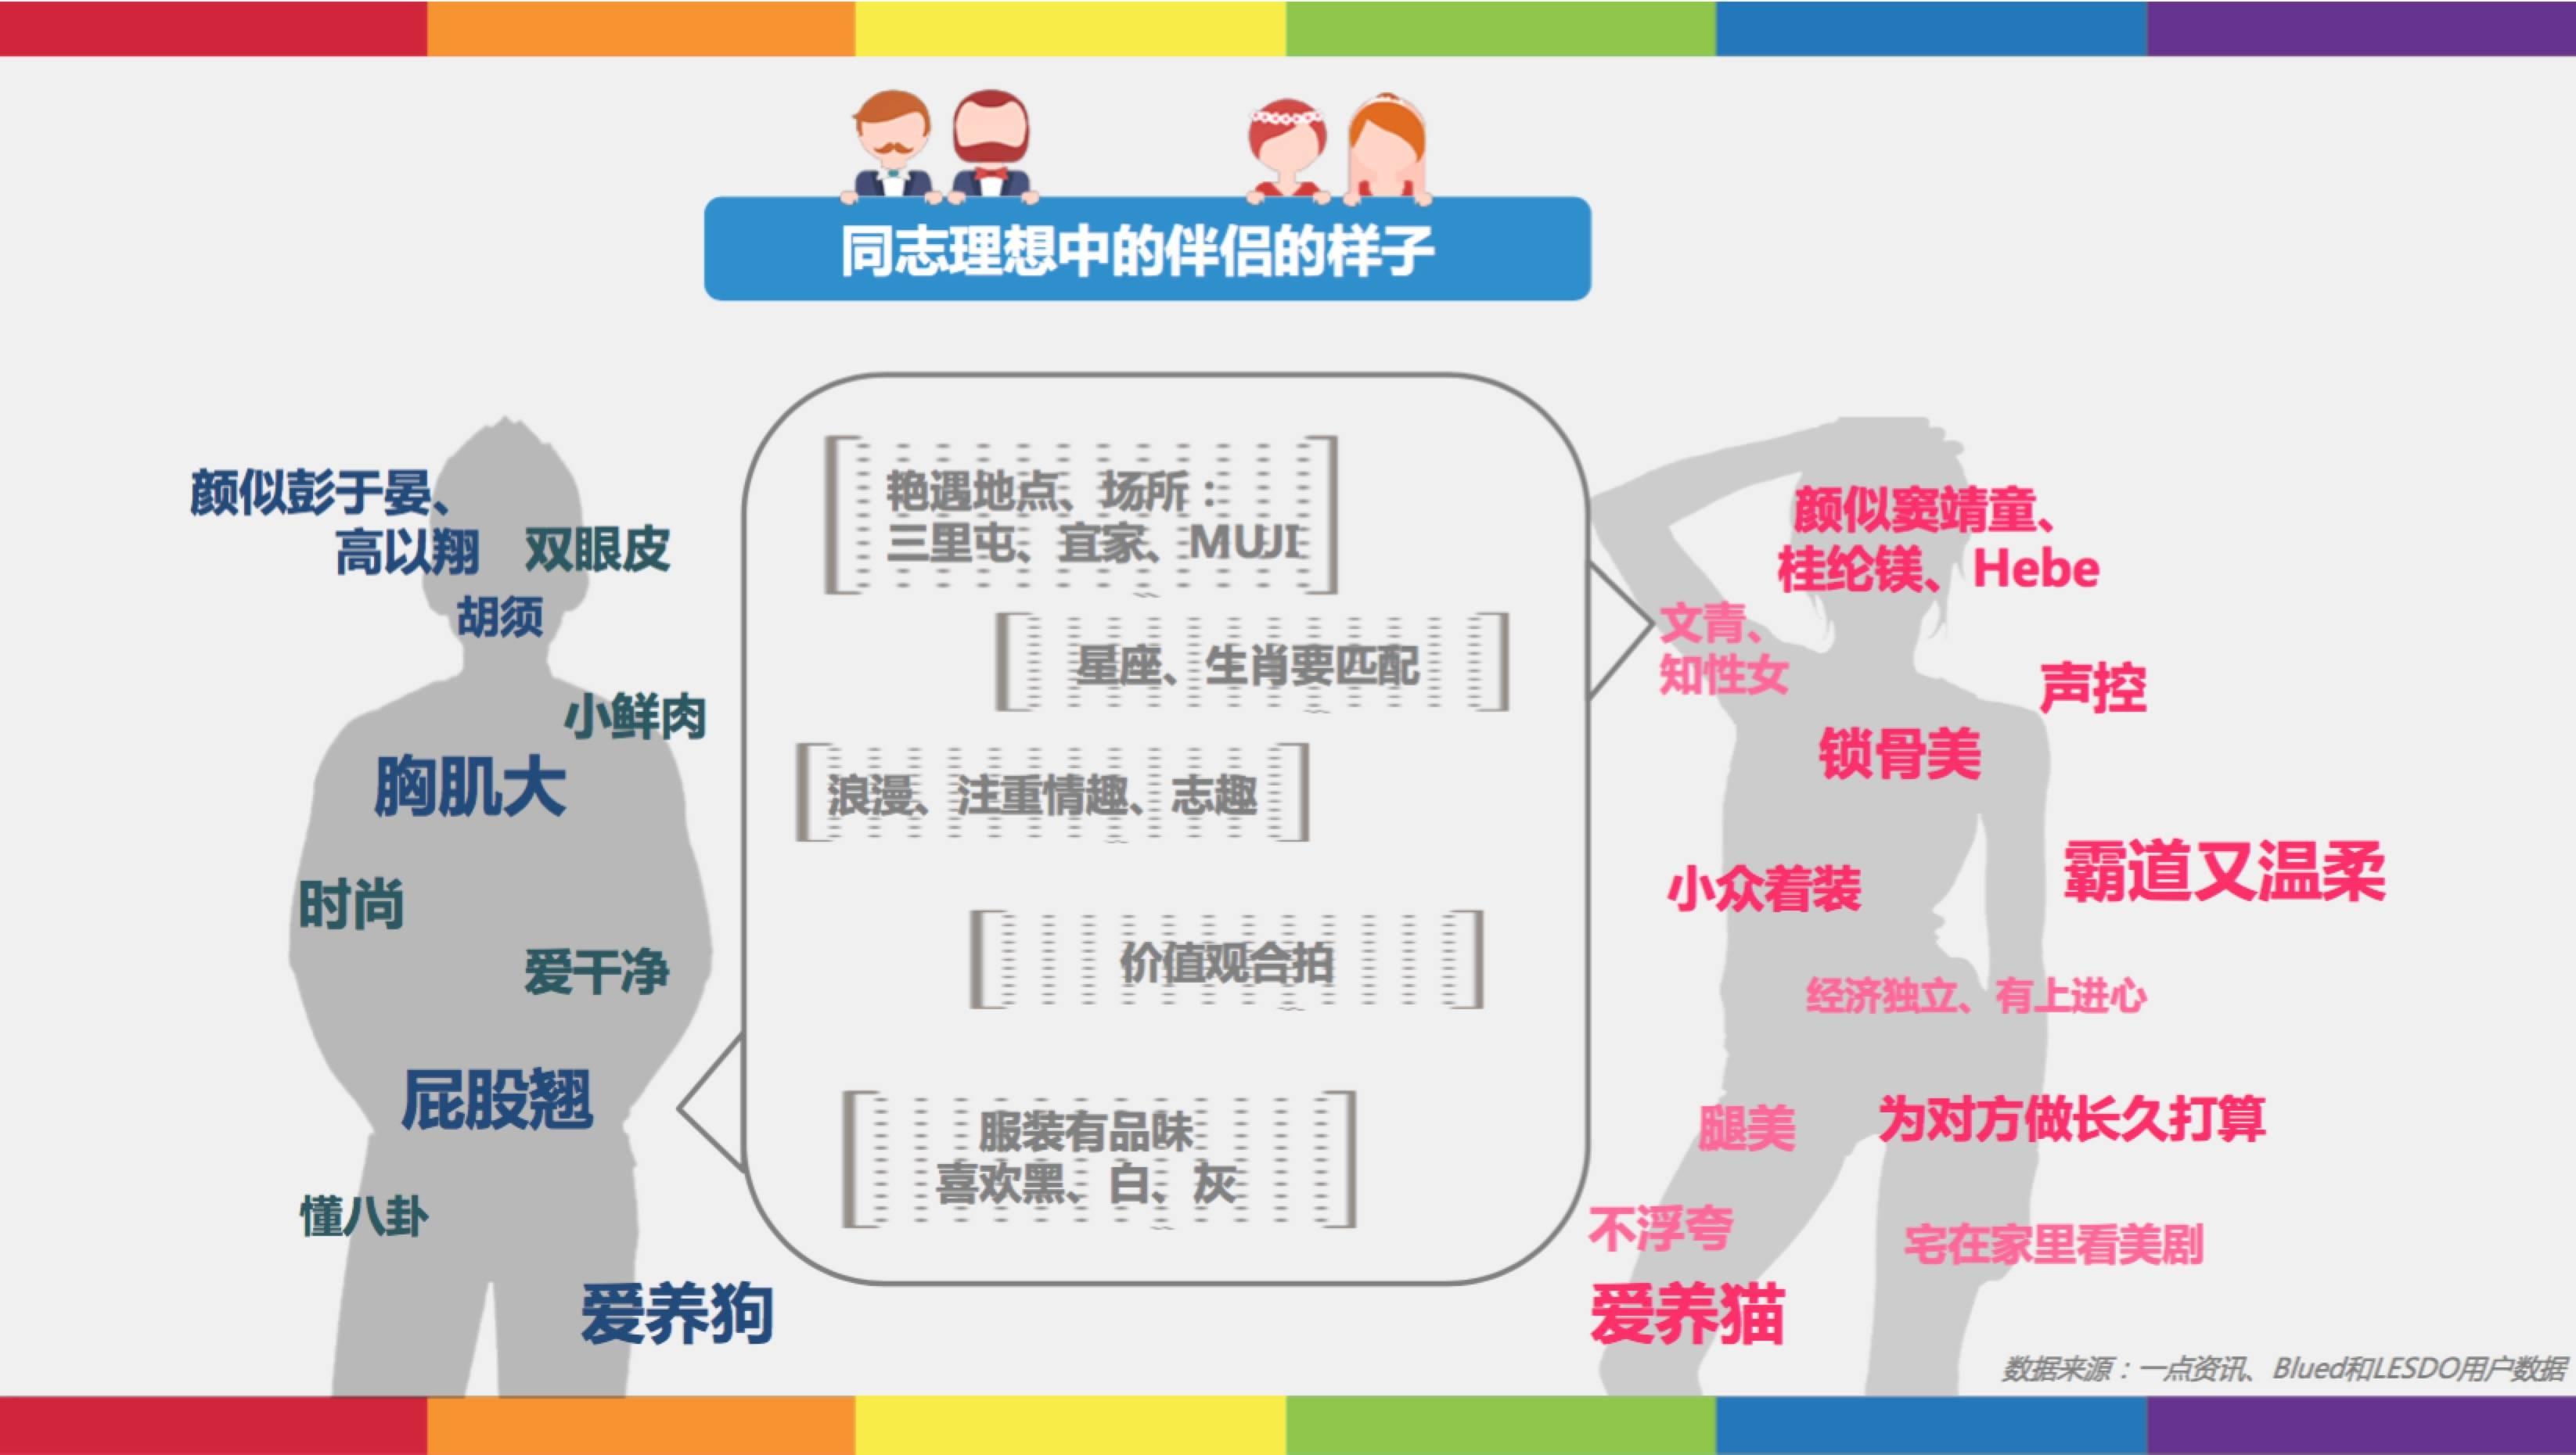 同志竟然都喜欢赵本山?看看这份同志兴趣图谱你就知道了